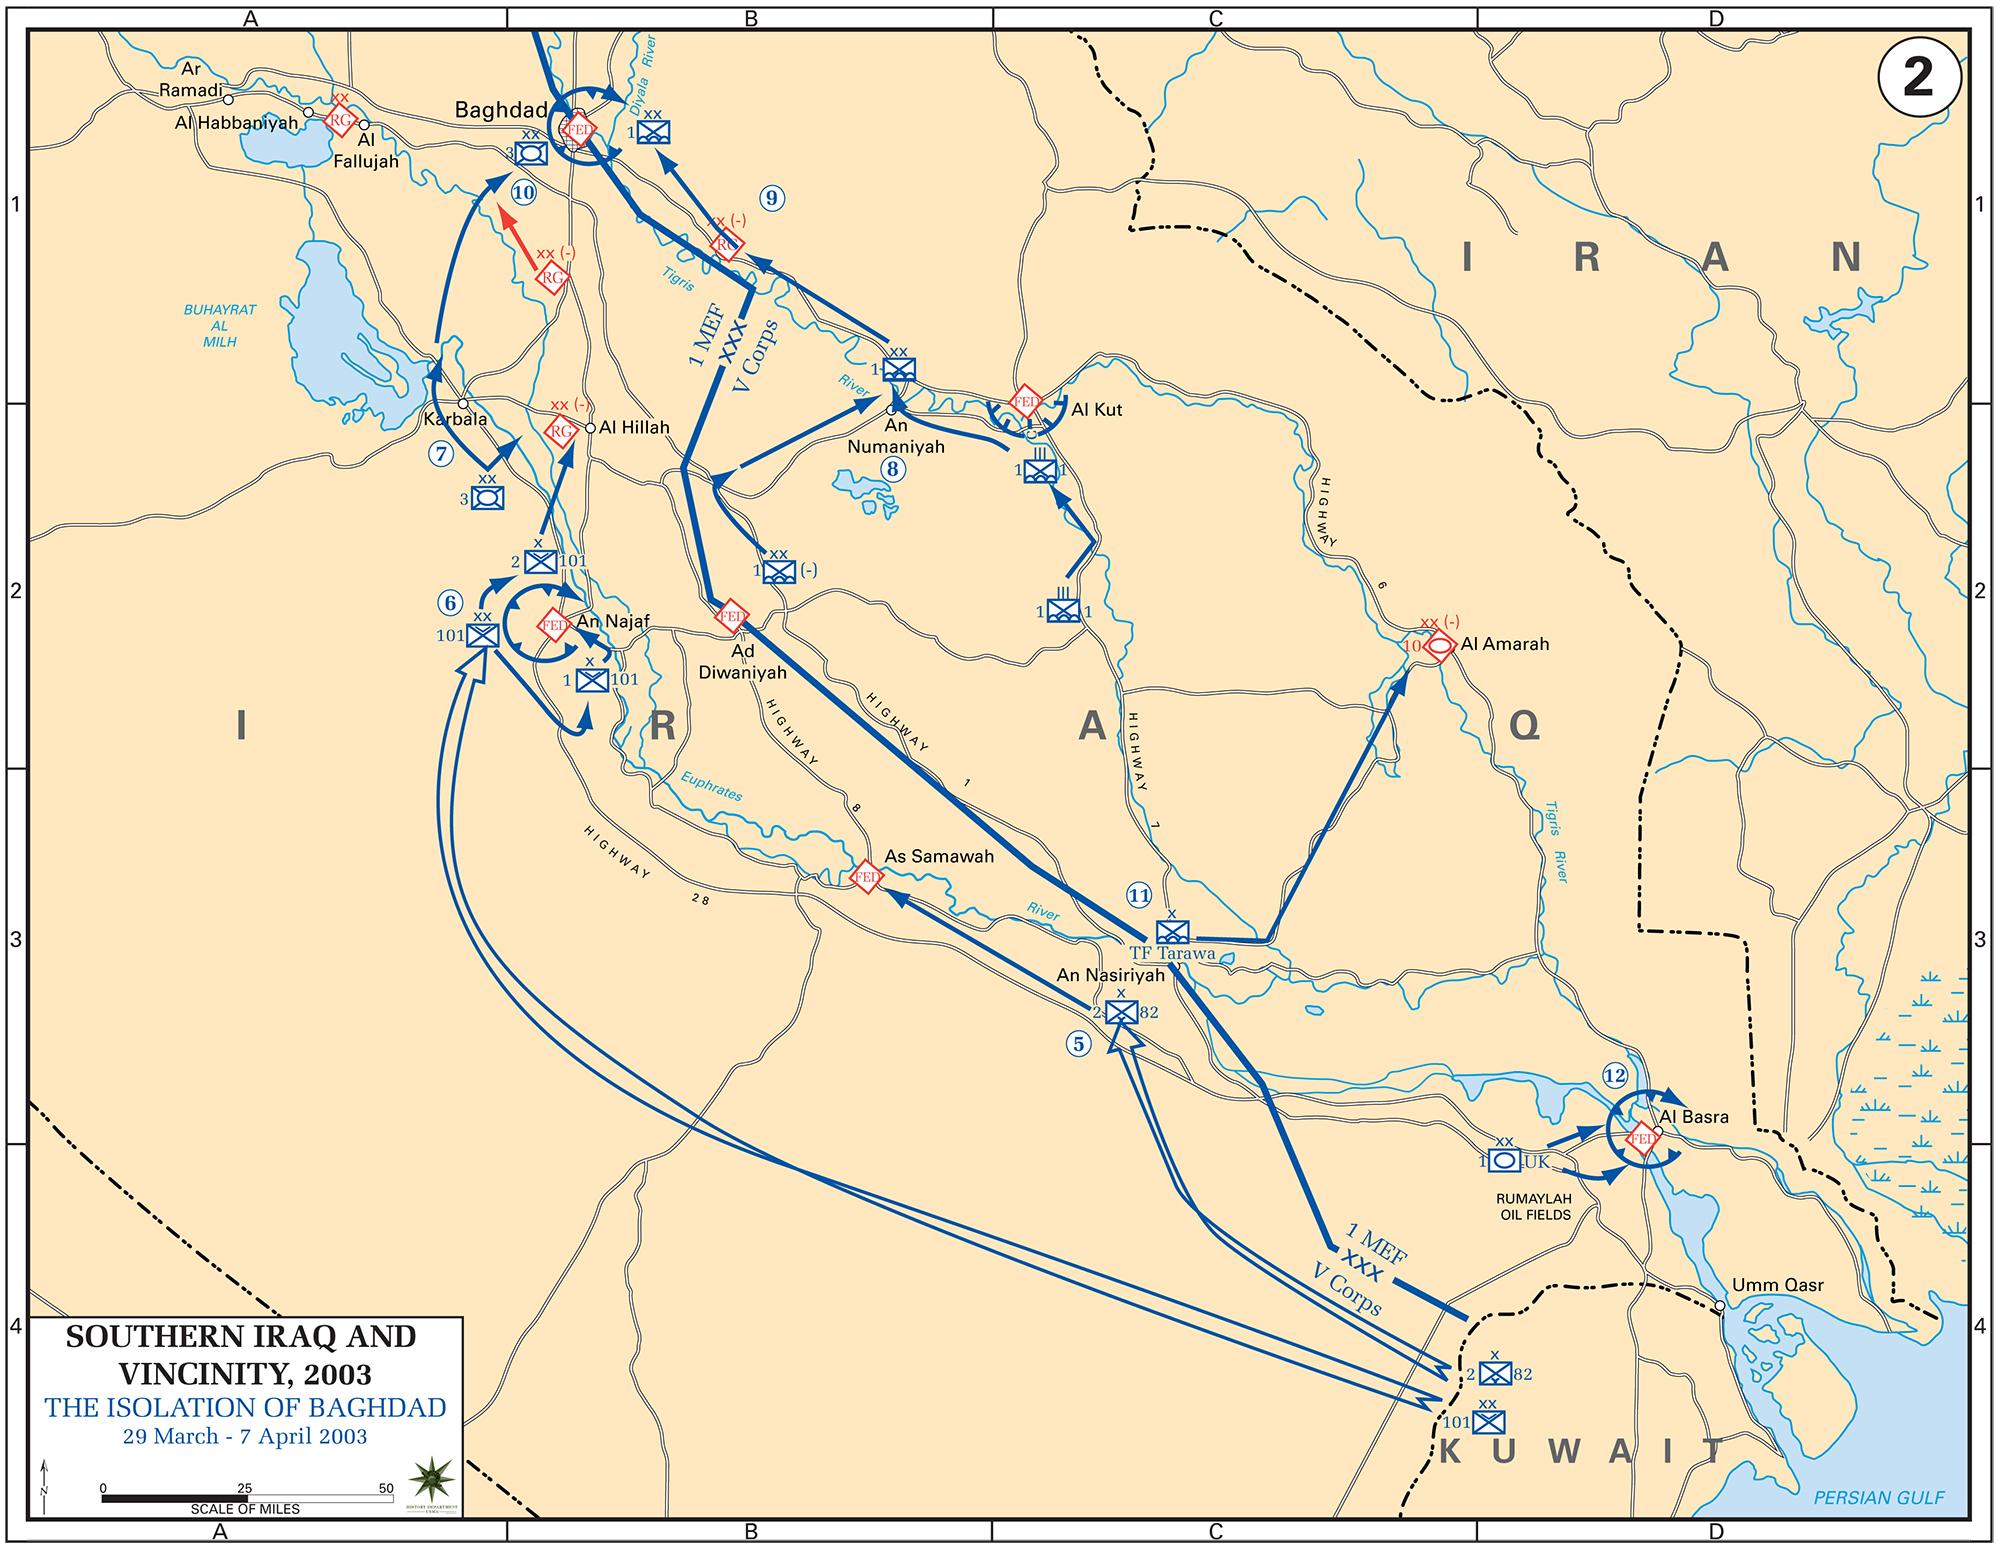 Map of Iraq April 2003